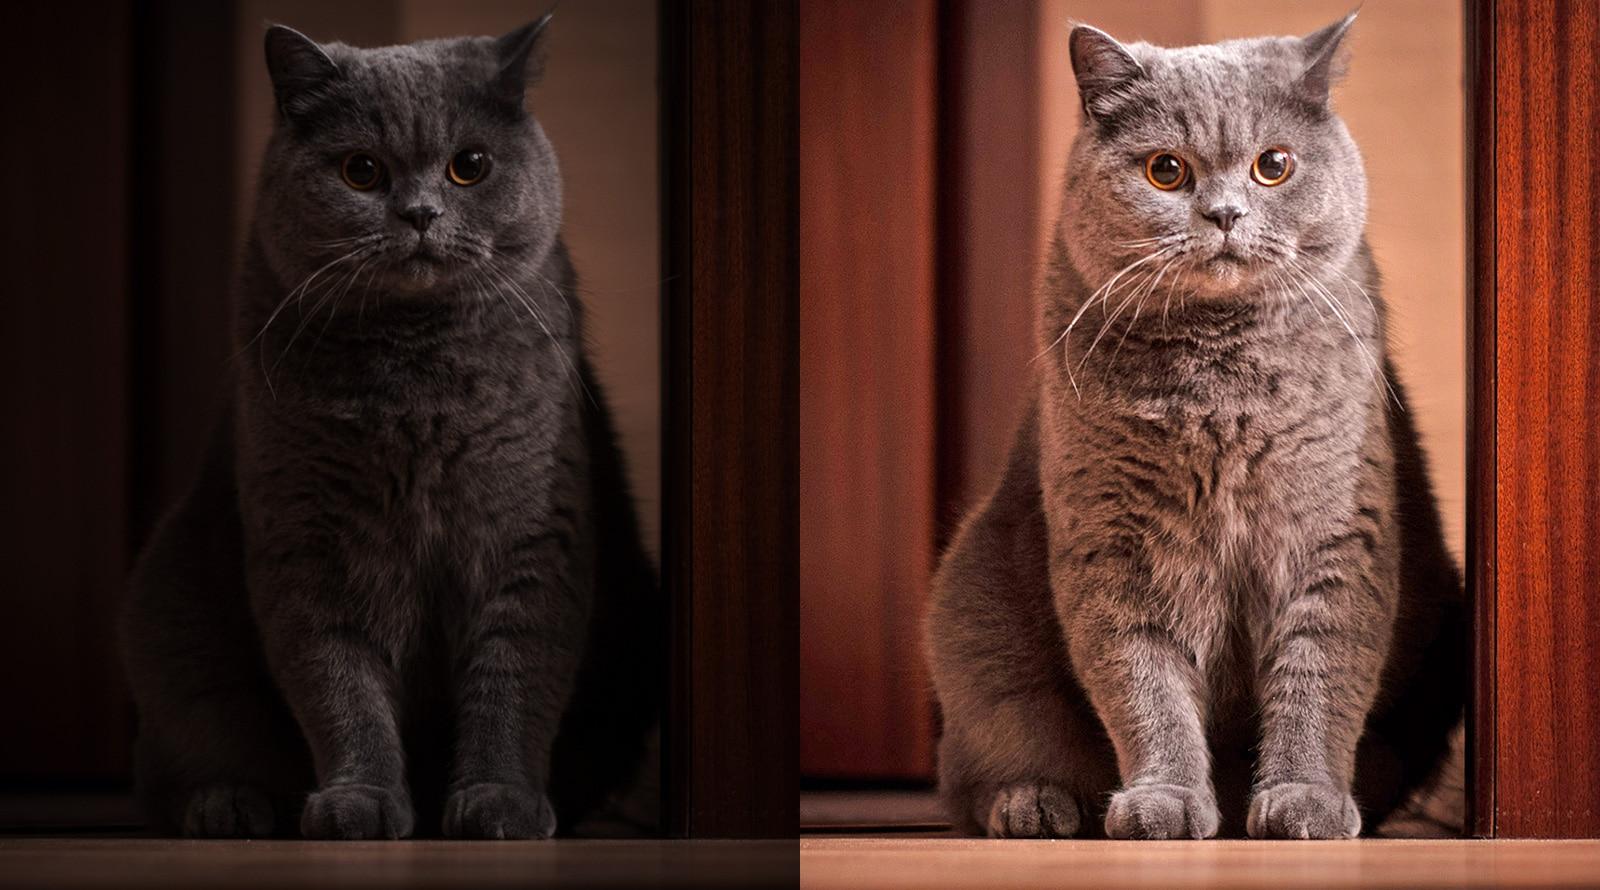 在灰暗出的貓咪照片經過高階影像感測相機技術處理過後所呈現的對比